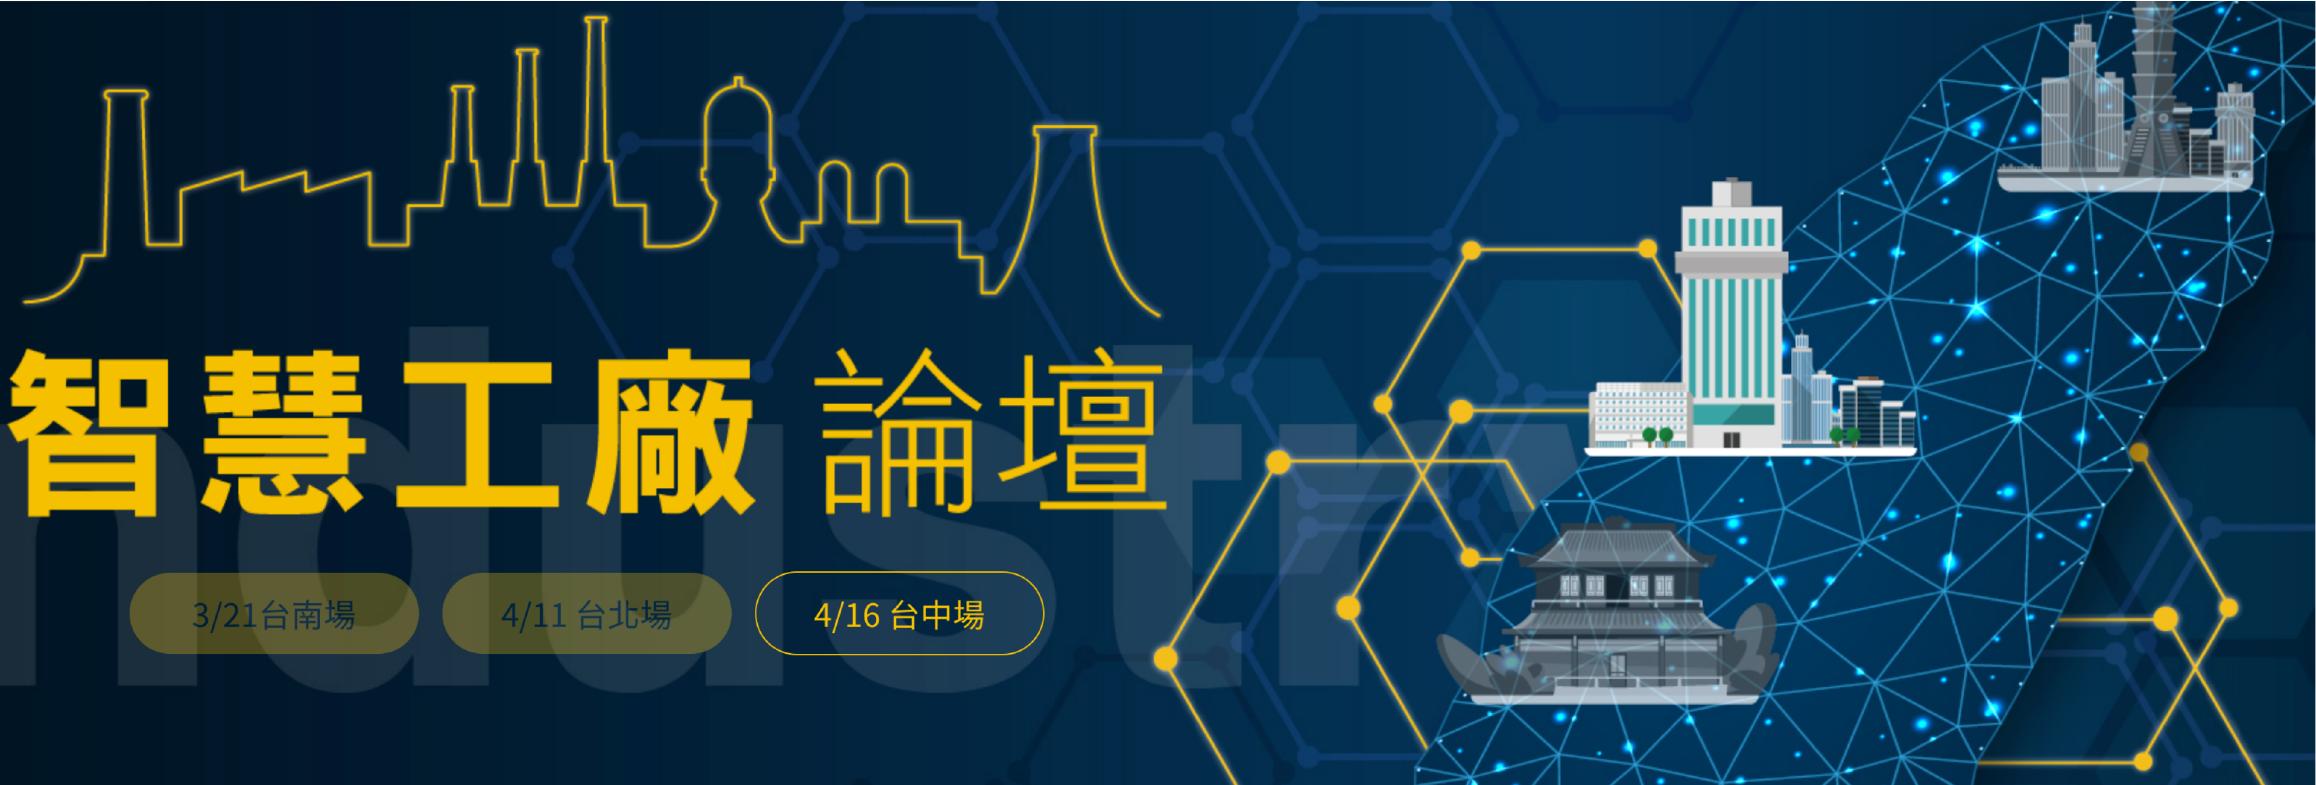 軟領科技 受邀參加 4月16號 DForum智慧工廠論壇分享智慧工廠解決方案